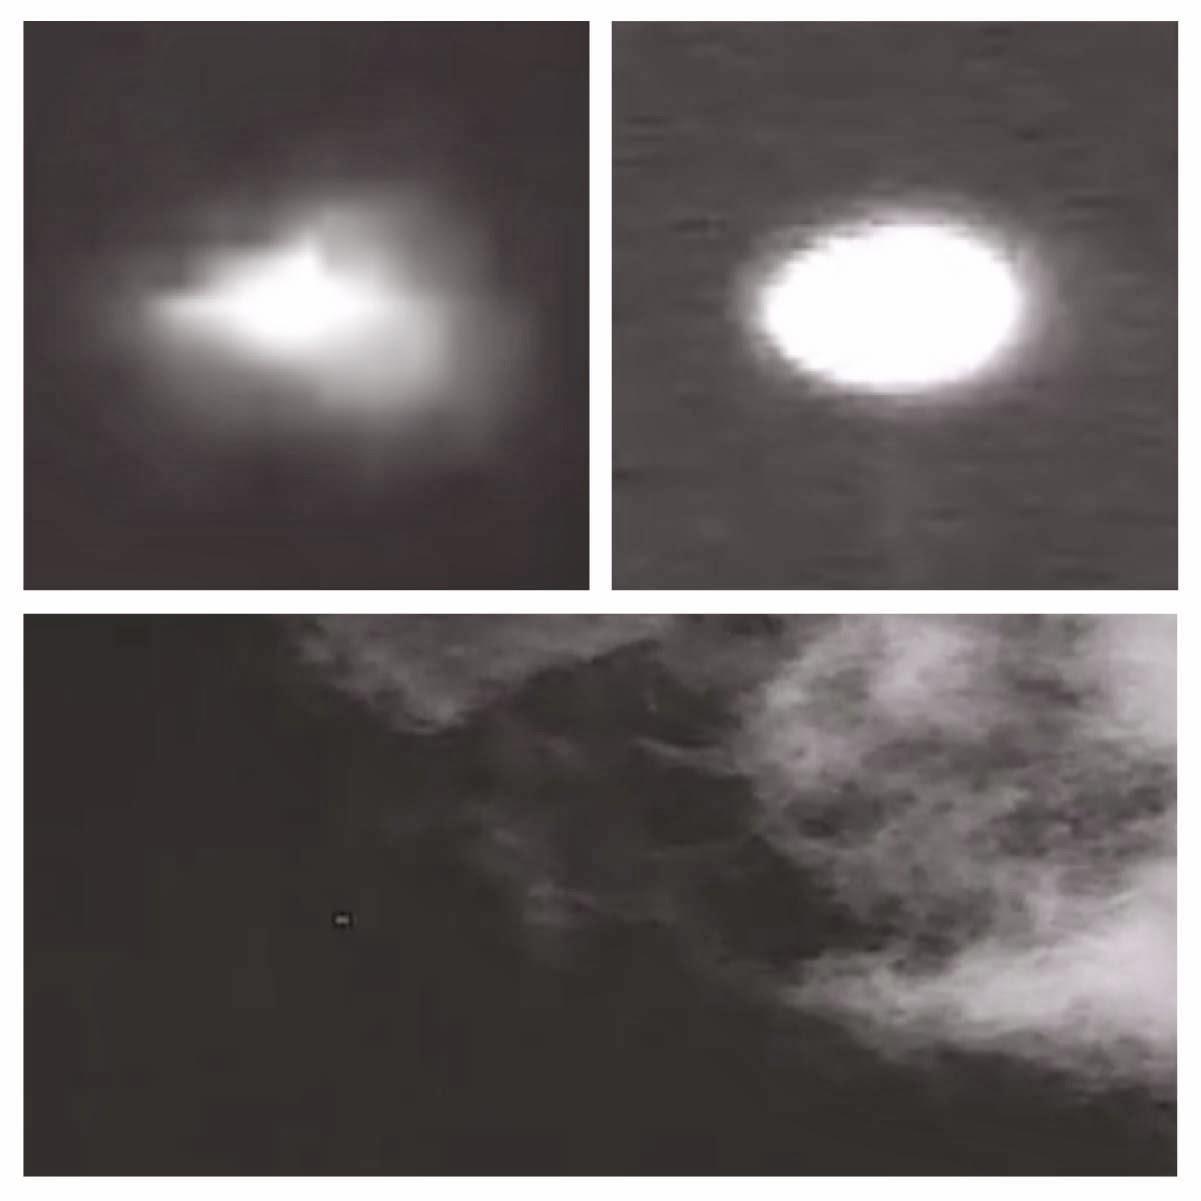 Dead Aliens Secret NASA Moon - Pics about space